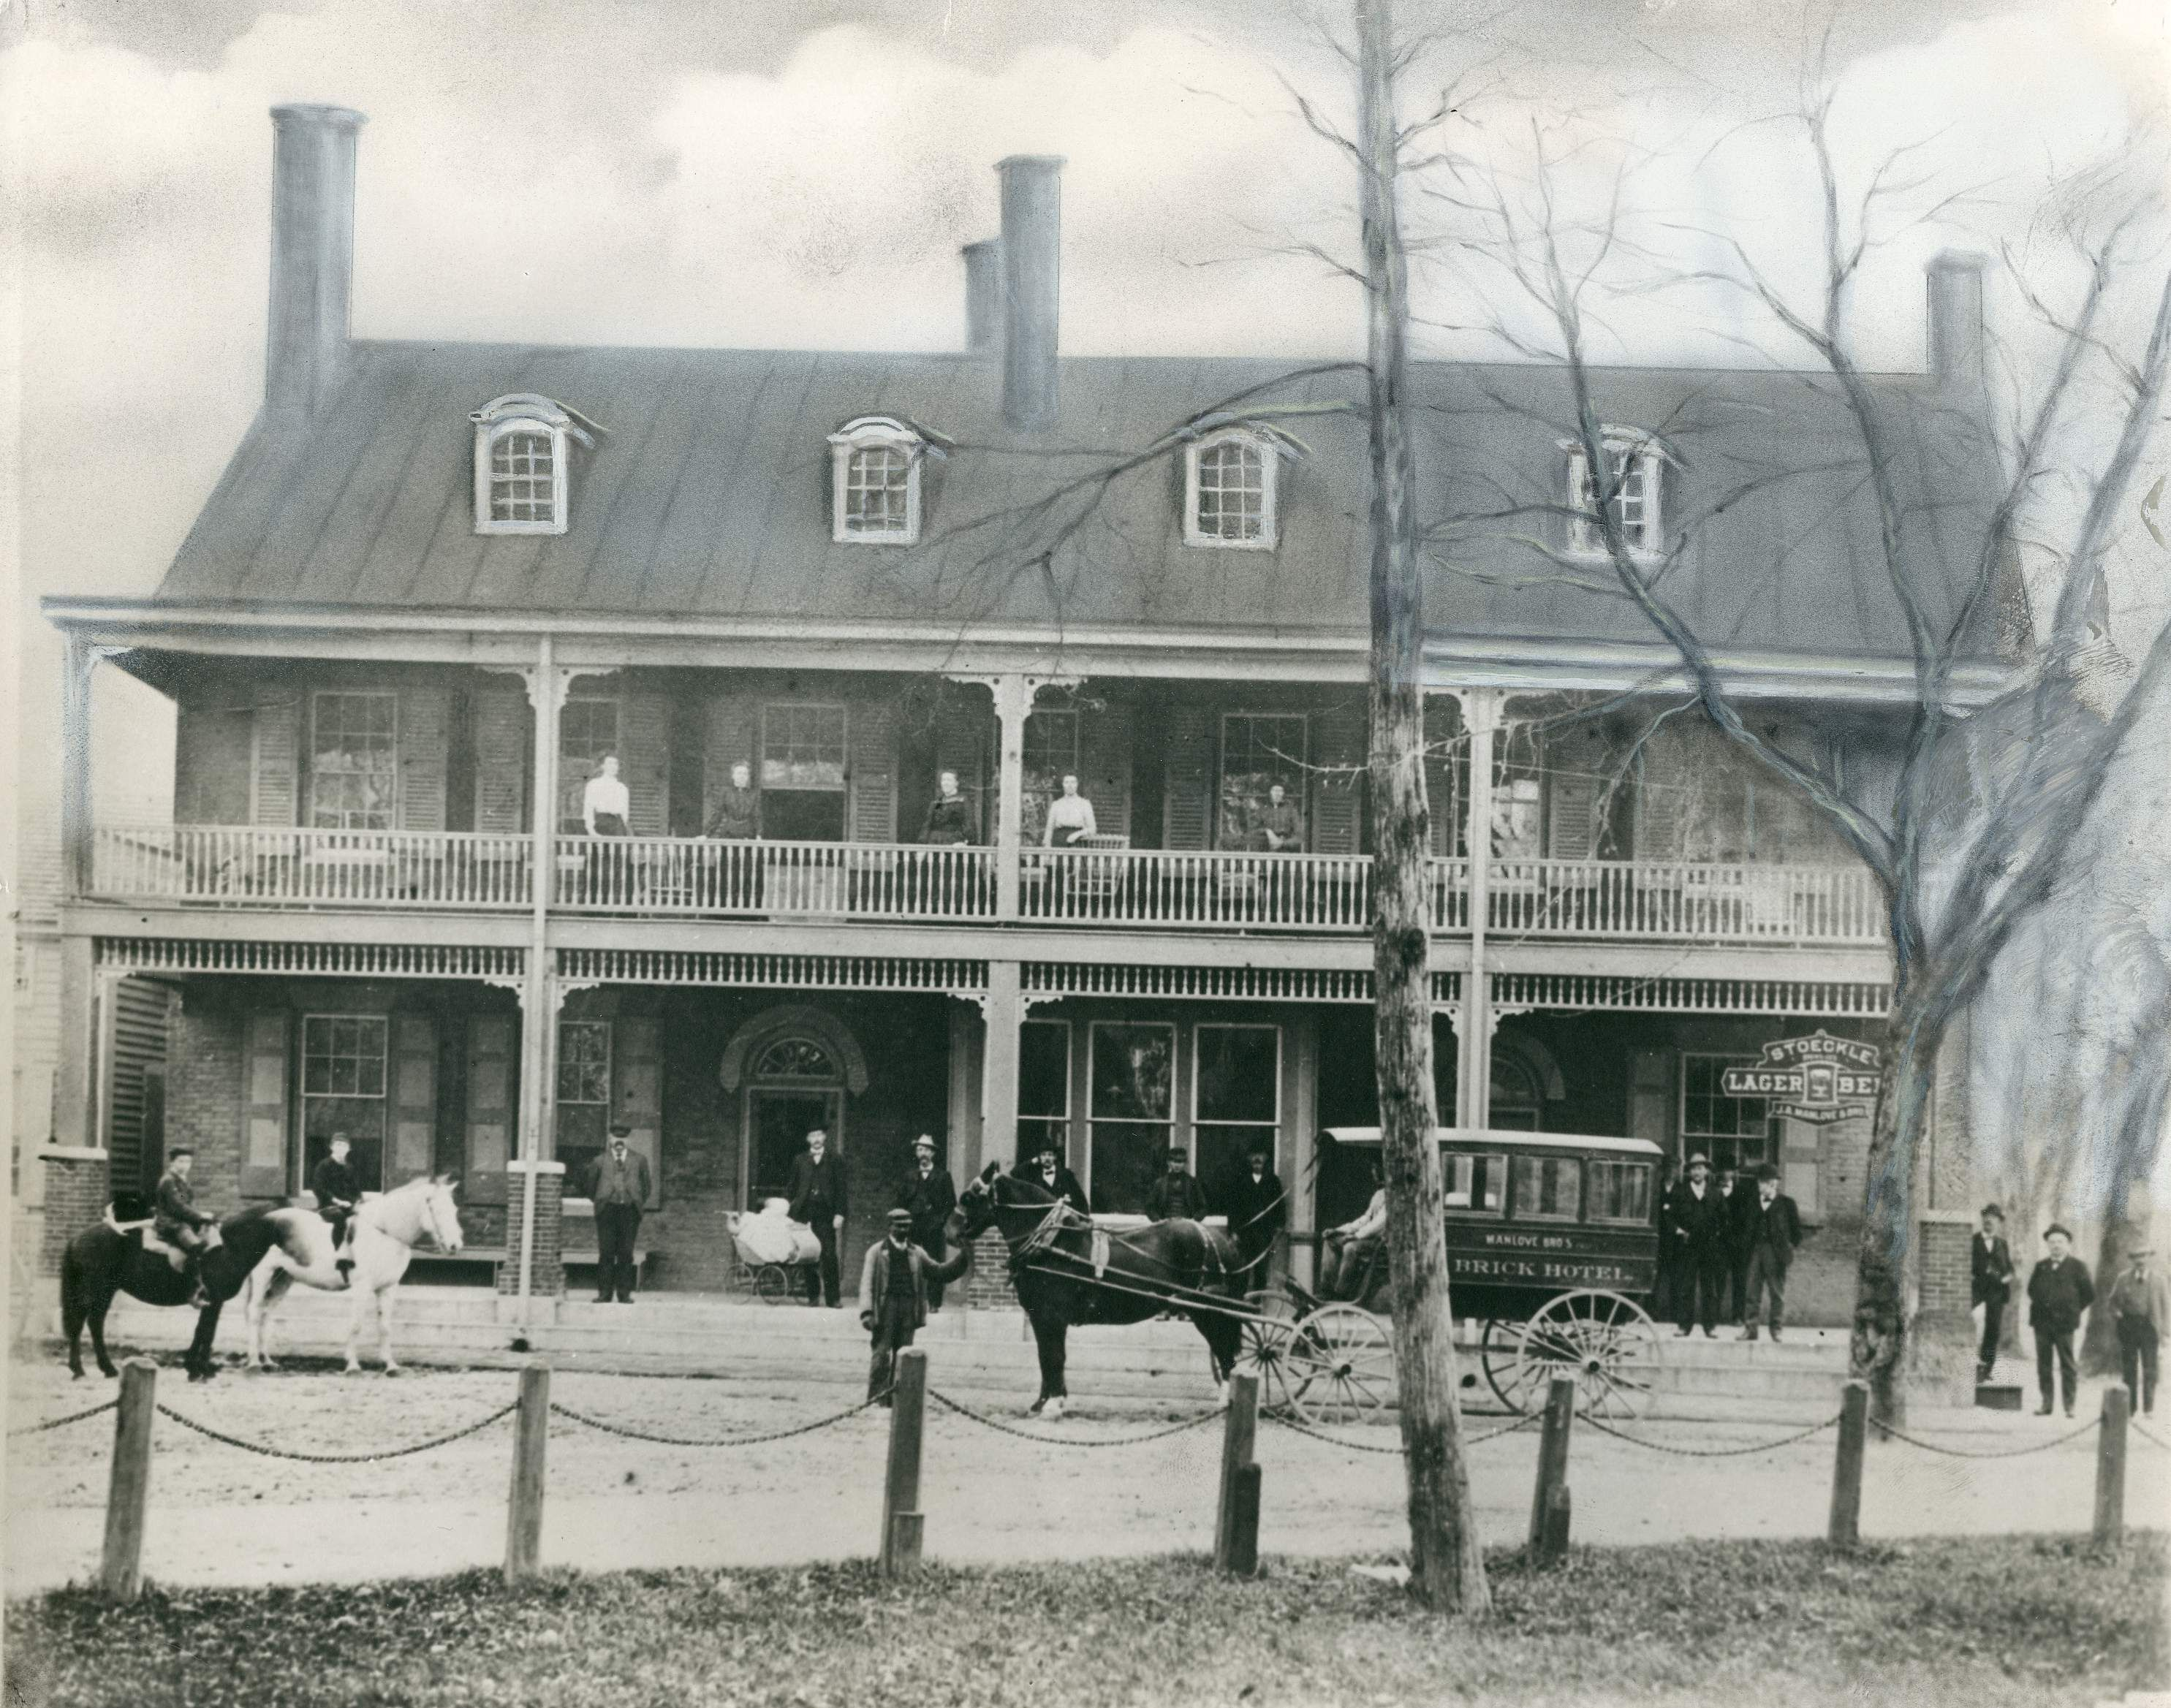 Brick Hotel In Georgetown Delaware Ca 1870 9015 000 003